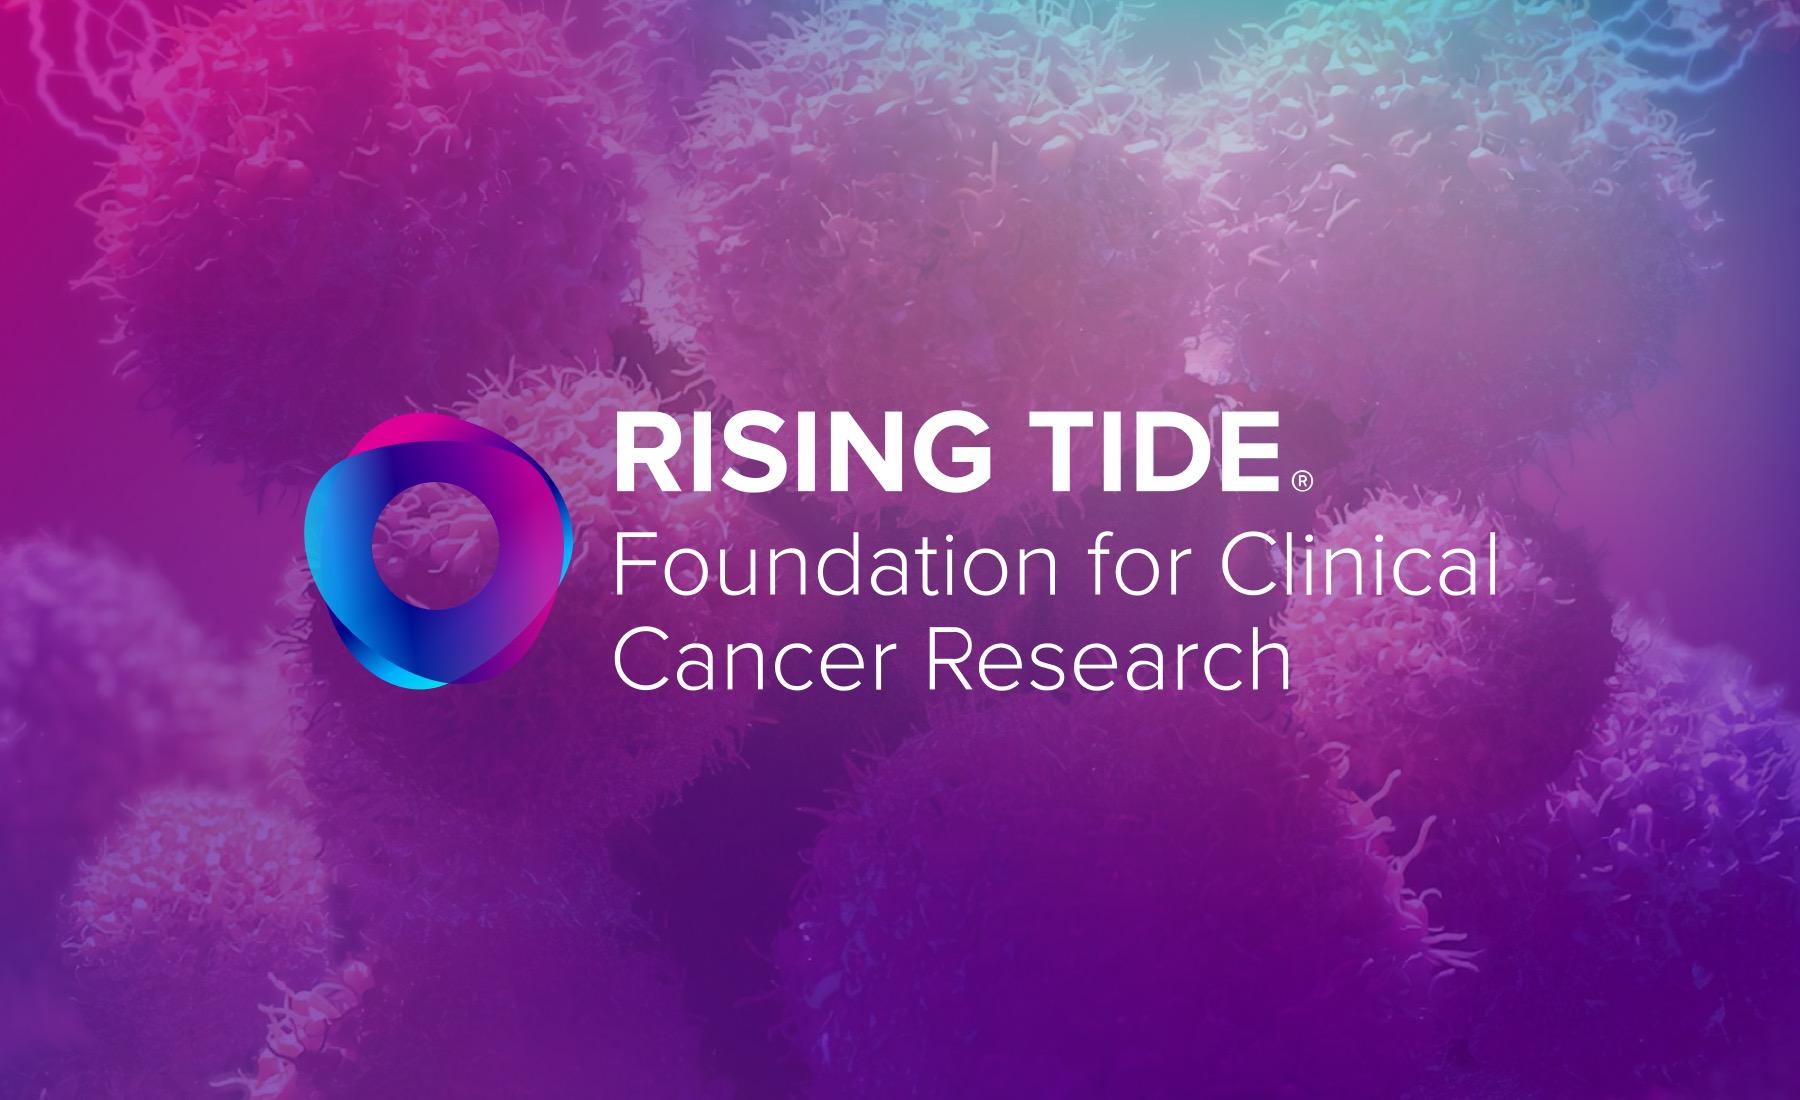 rising-tide-tile-ccr-logo